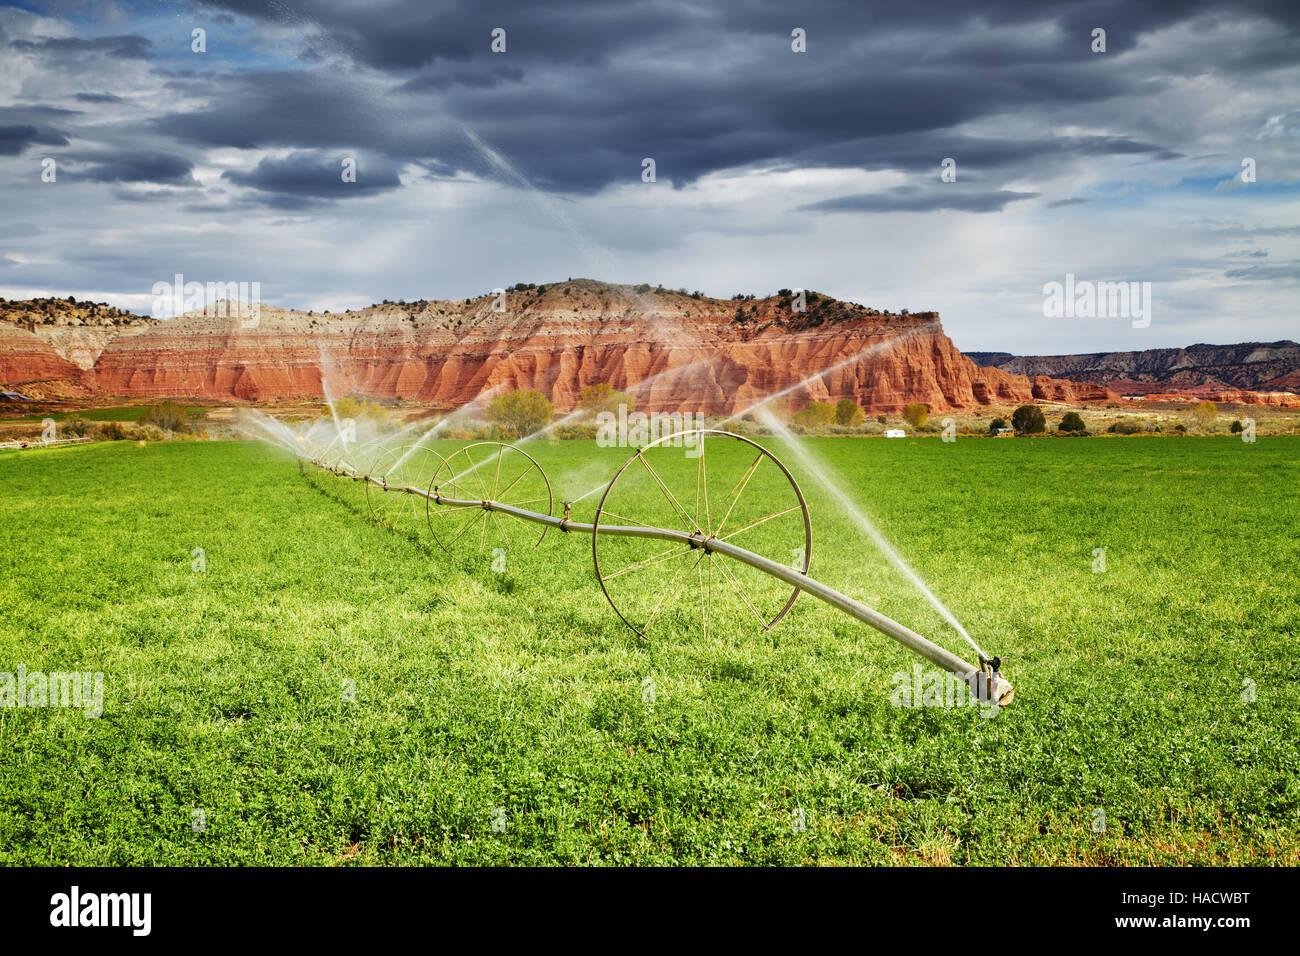 Agricoltura irrigua nel deserto, farm in Utah, Stati Uniti d'America Immagini Stock